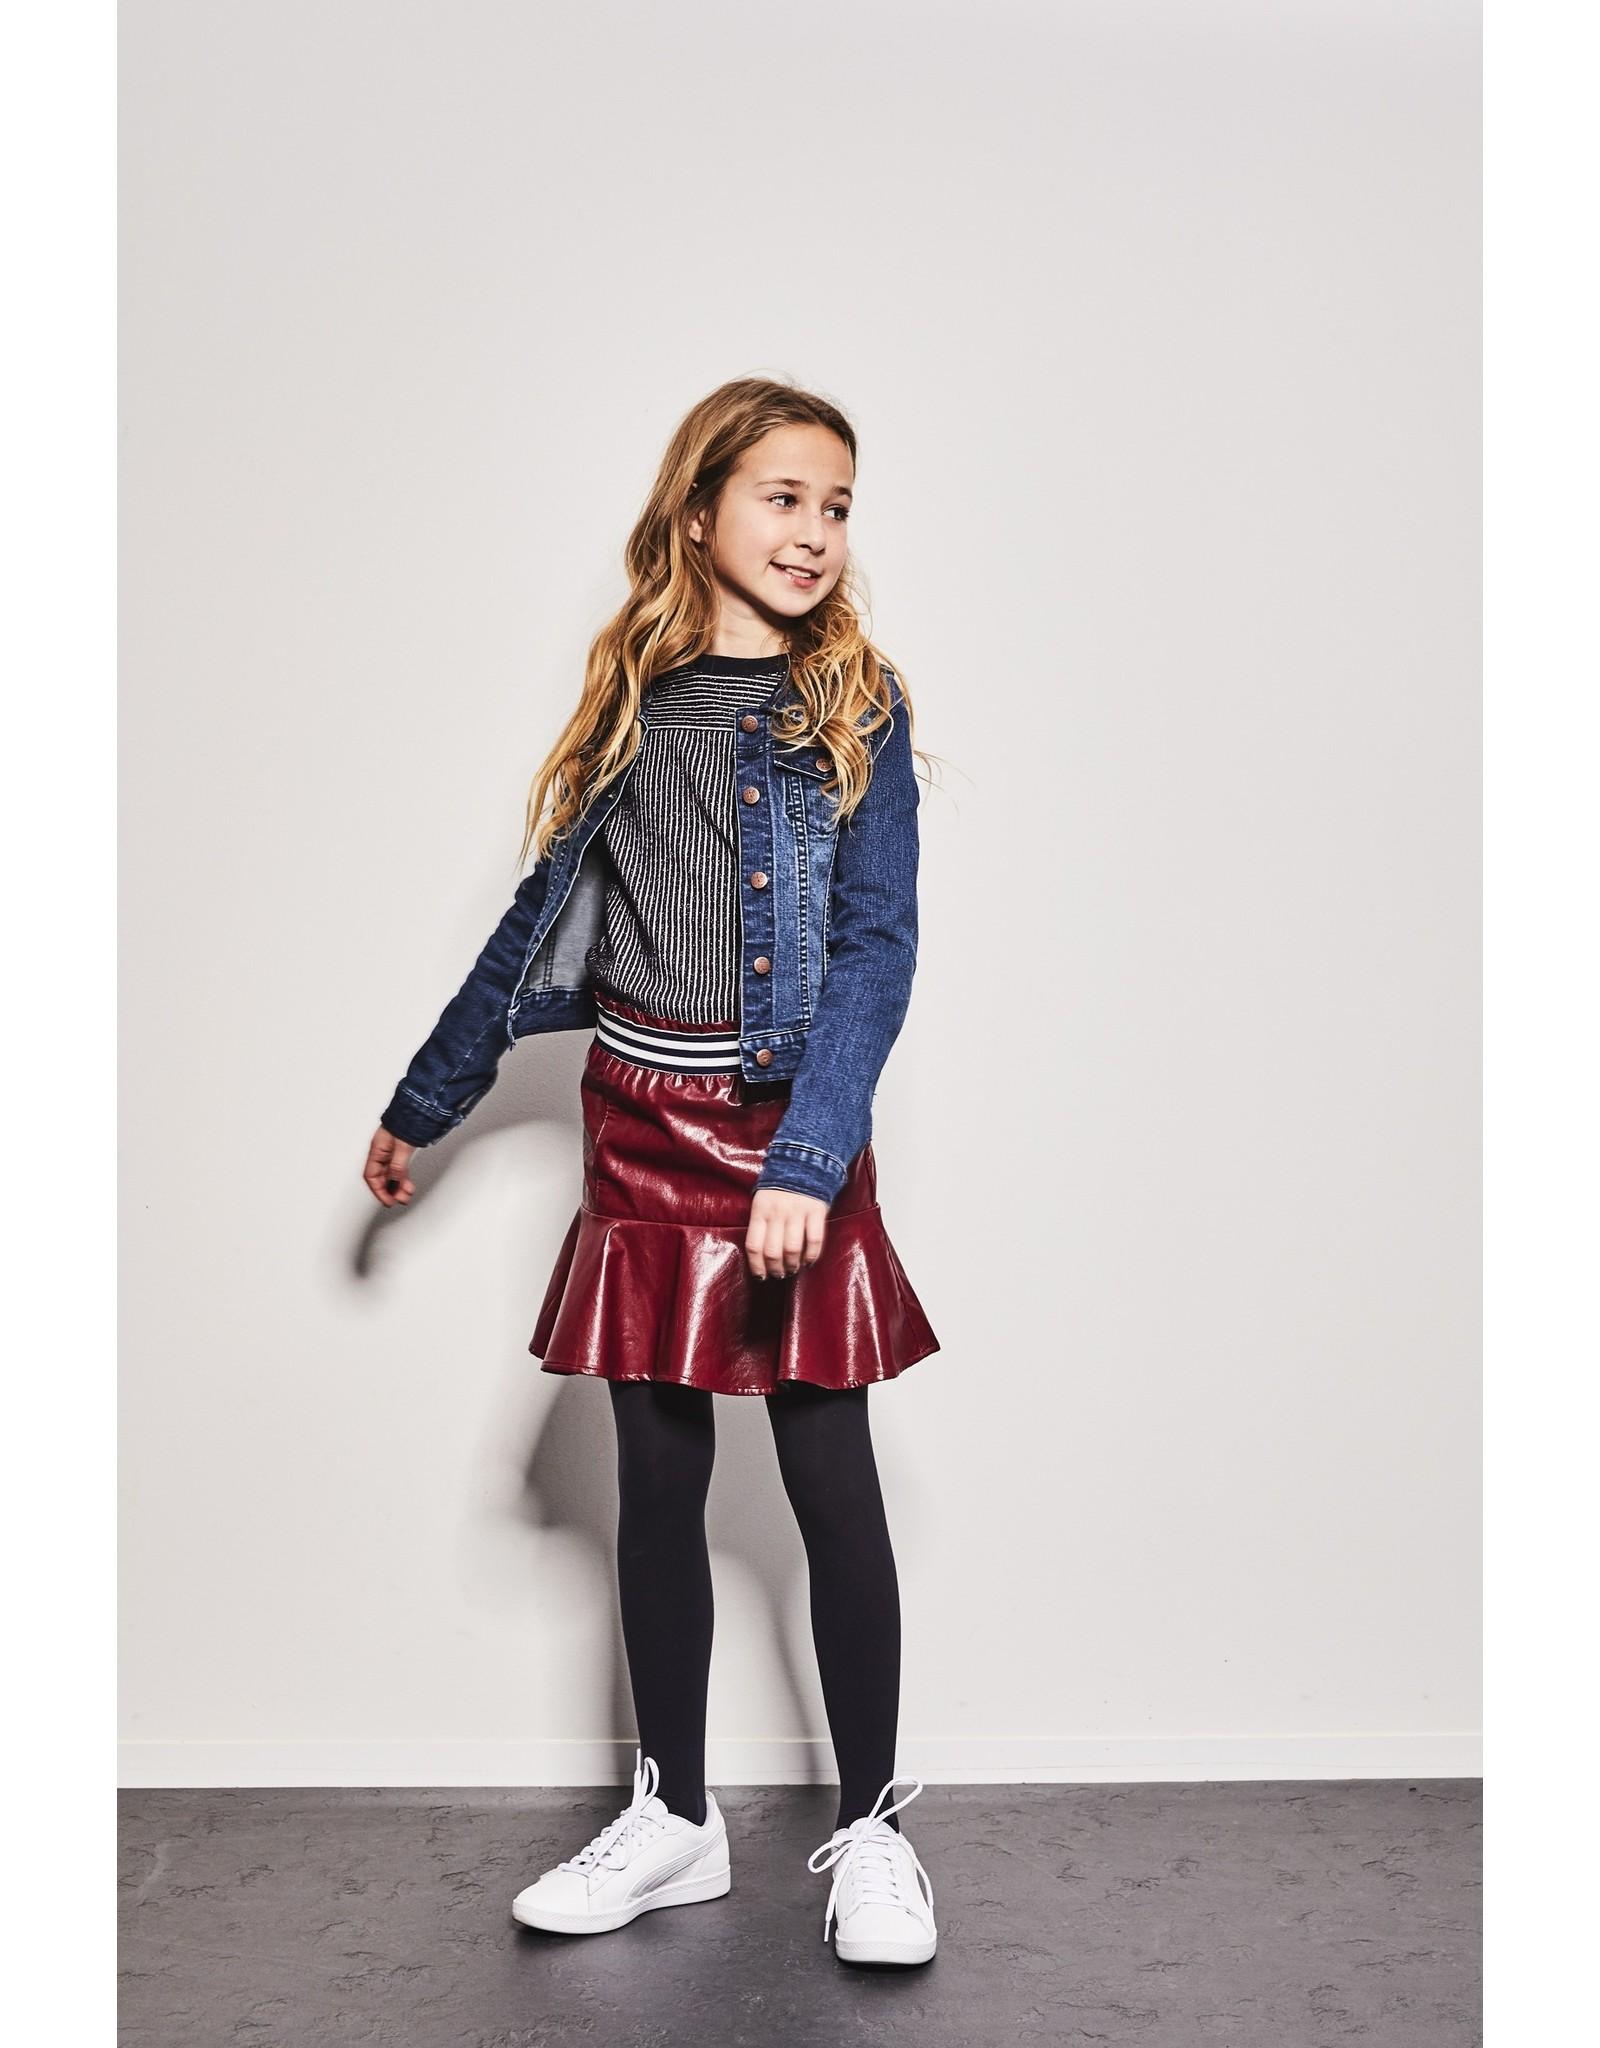 NoBell NoBell-Nenai Imitation Leather Skirt-Wine Red